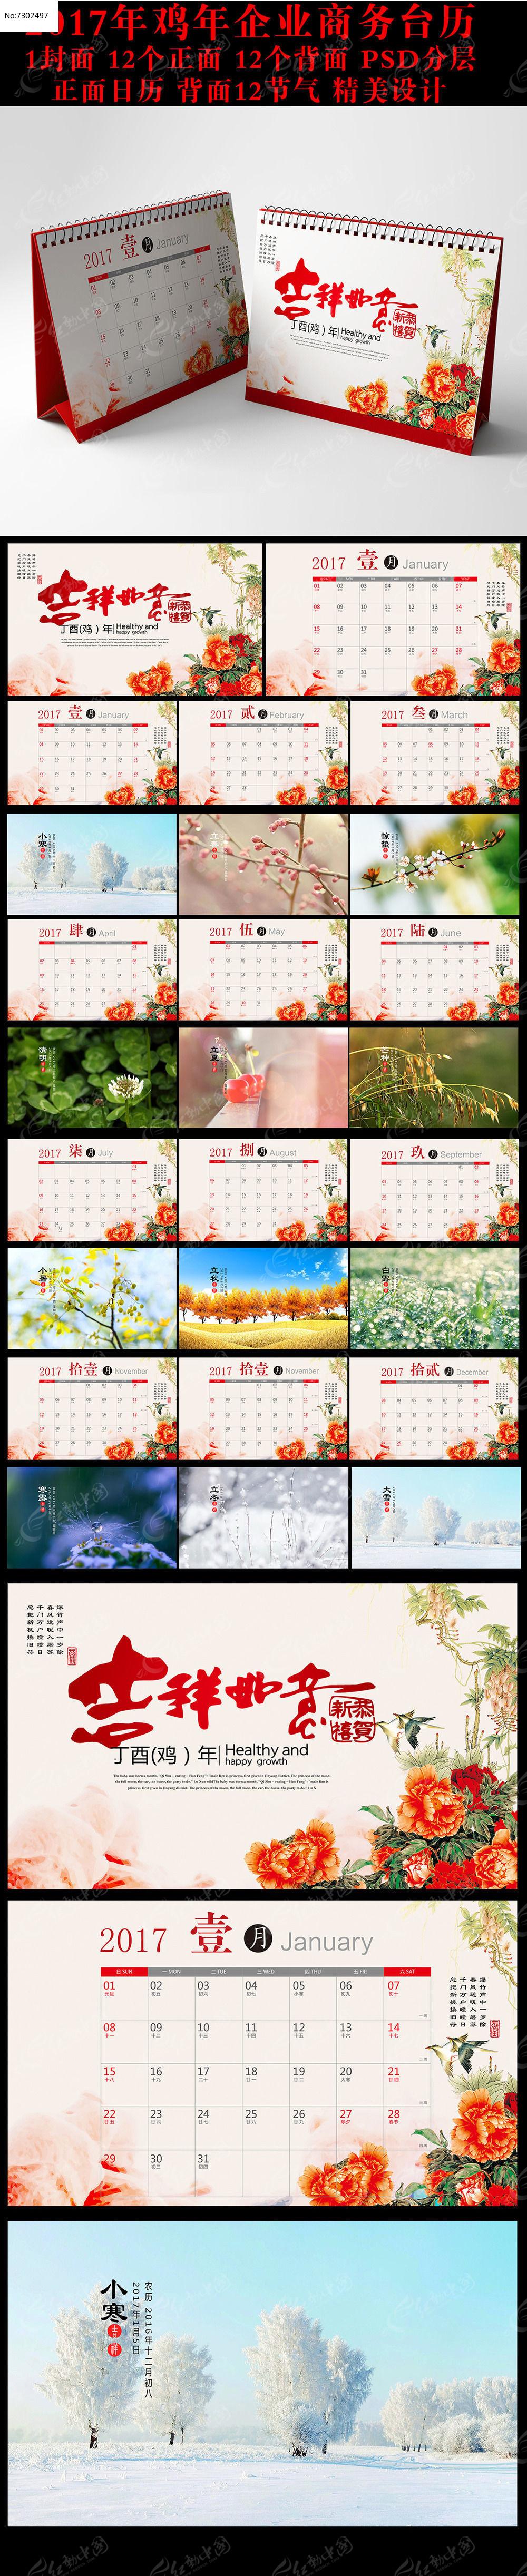 鸡年台历设计模板图片